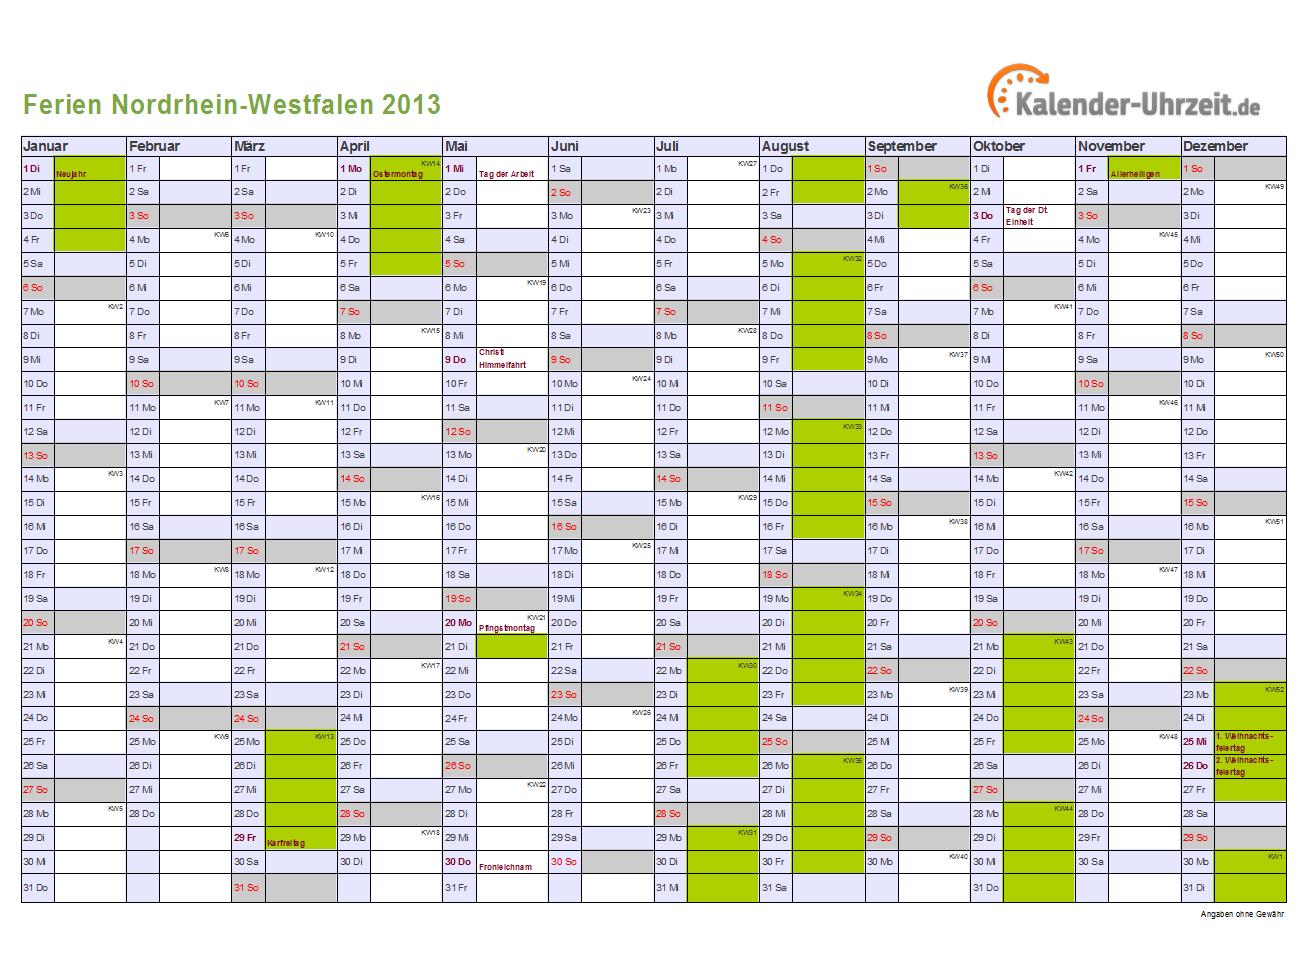 Schulferien 2013 Nordrhein-Westfalen (NRW) + Feiertage